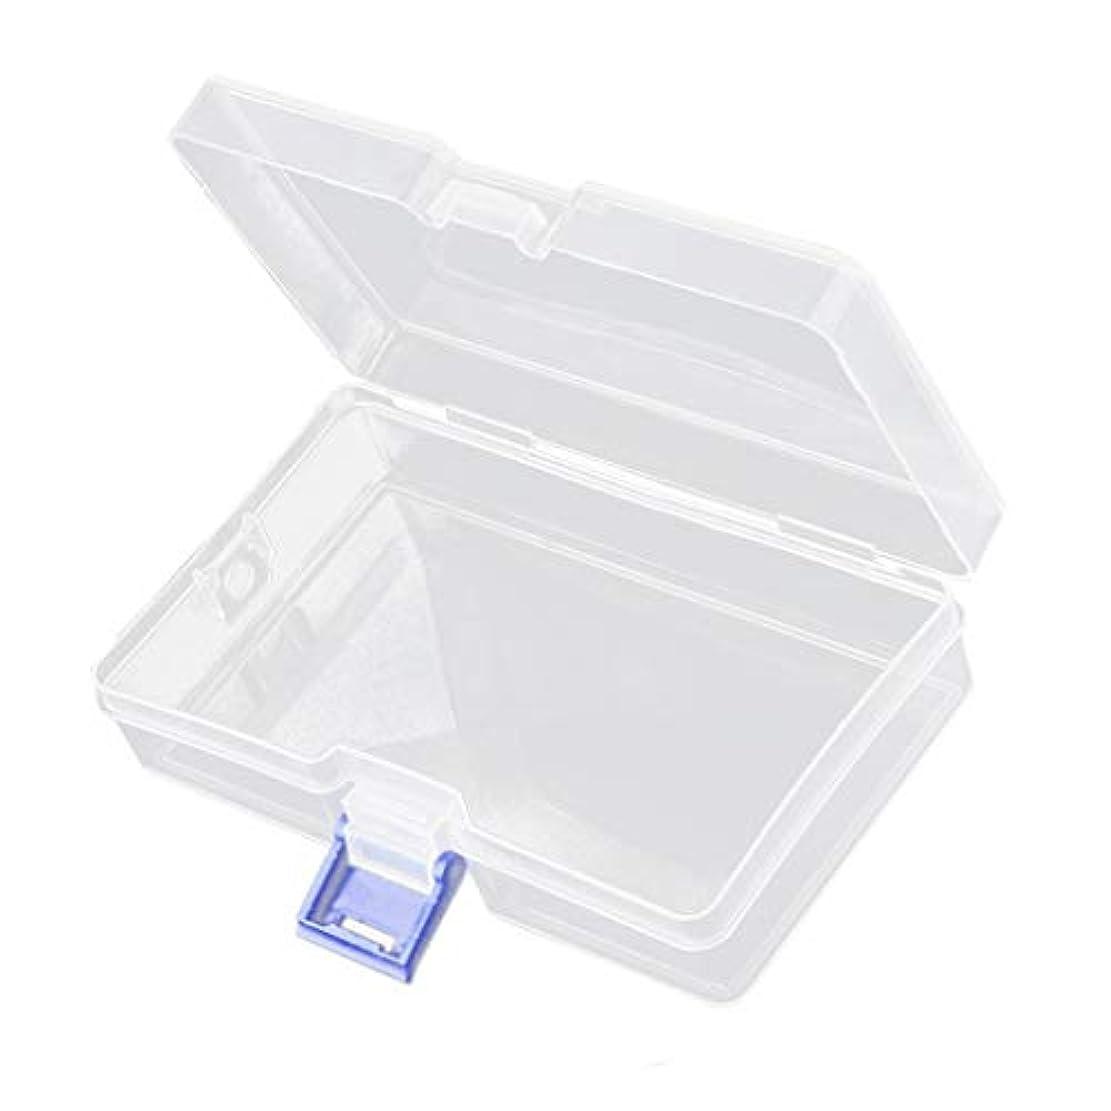 長方形医薬品恐怖SM SunniMix 高品質アクセサリー収納 小物収納ケースボックス 透明 整理箱 小物入れ ネイルアート用品収納 ボックス